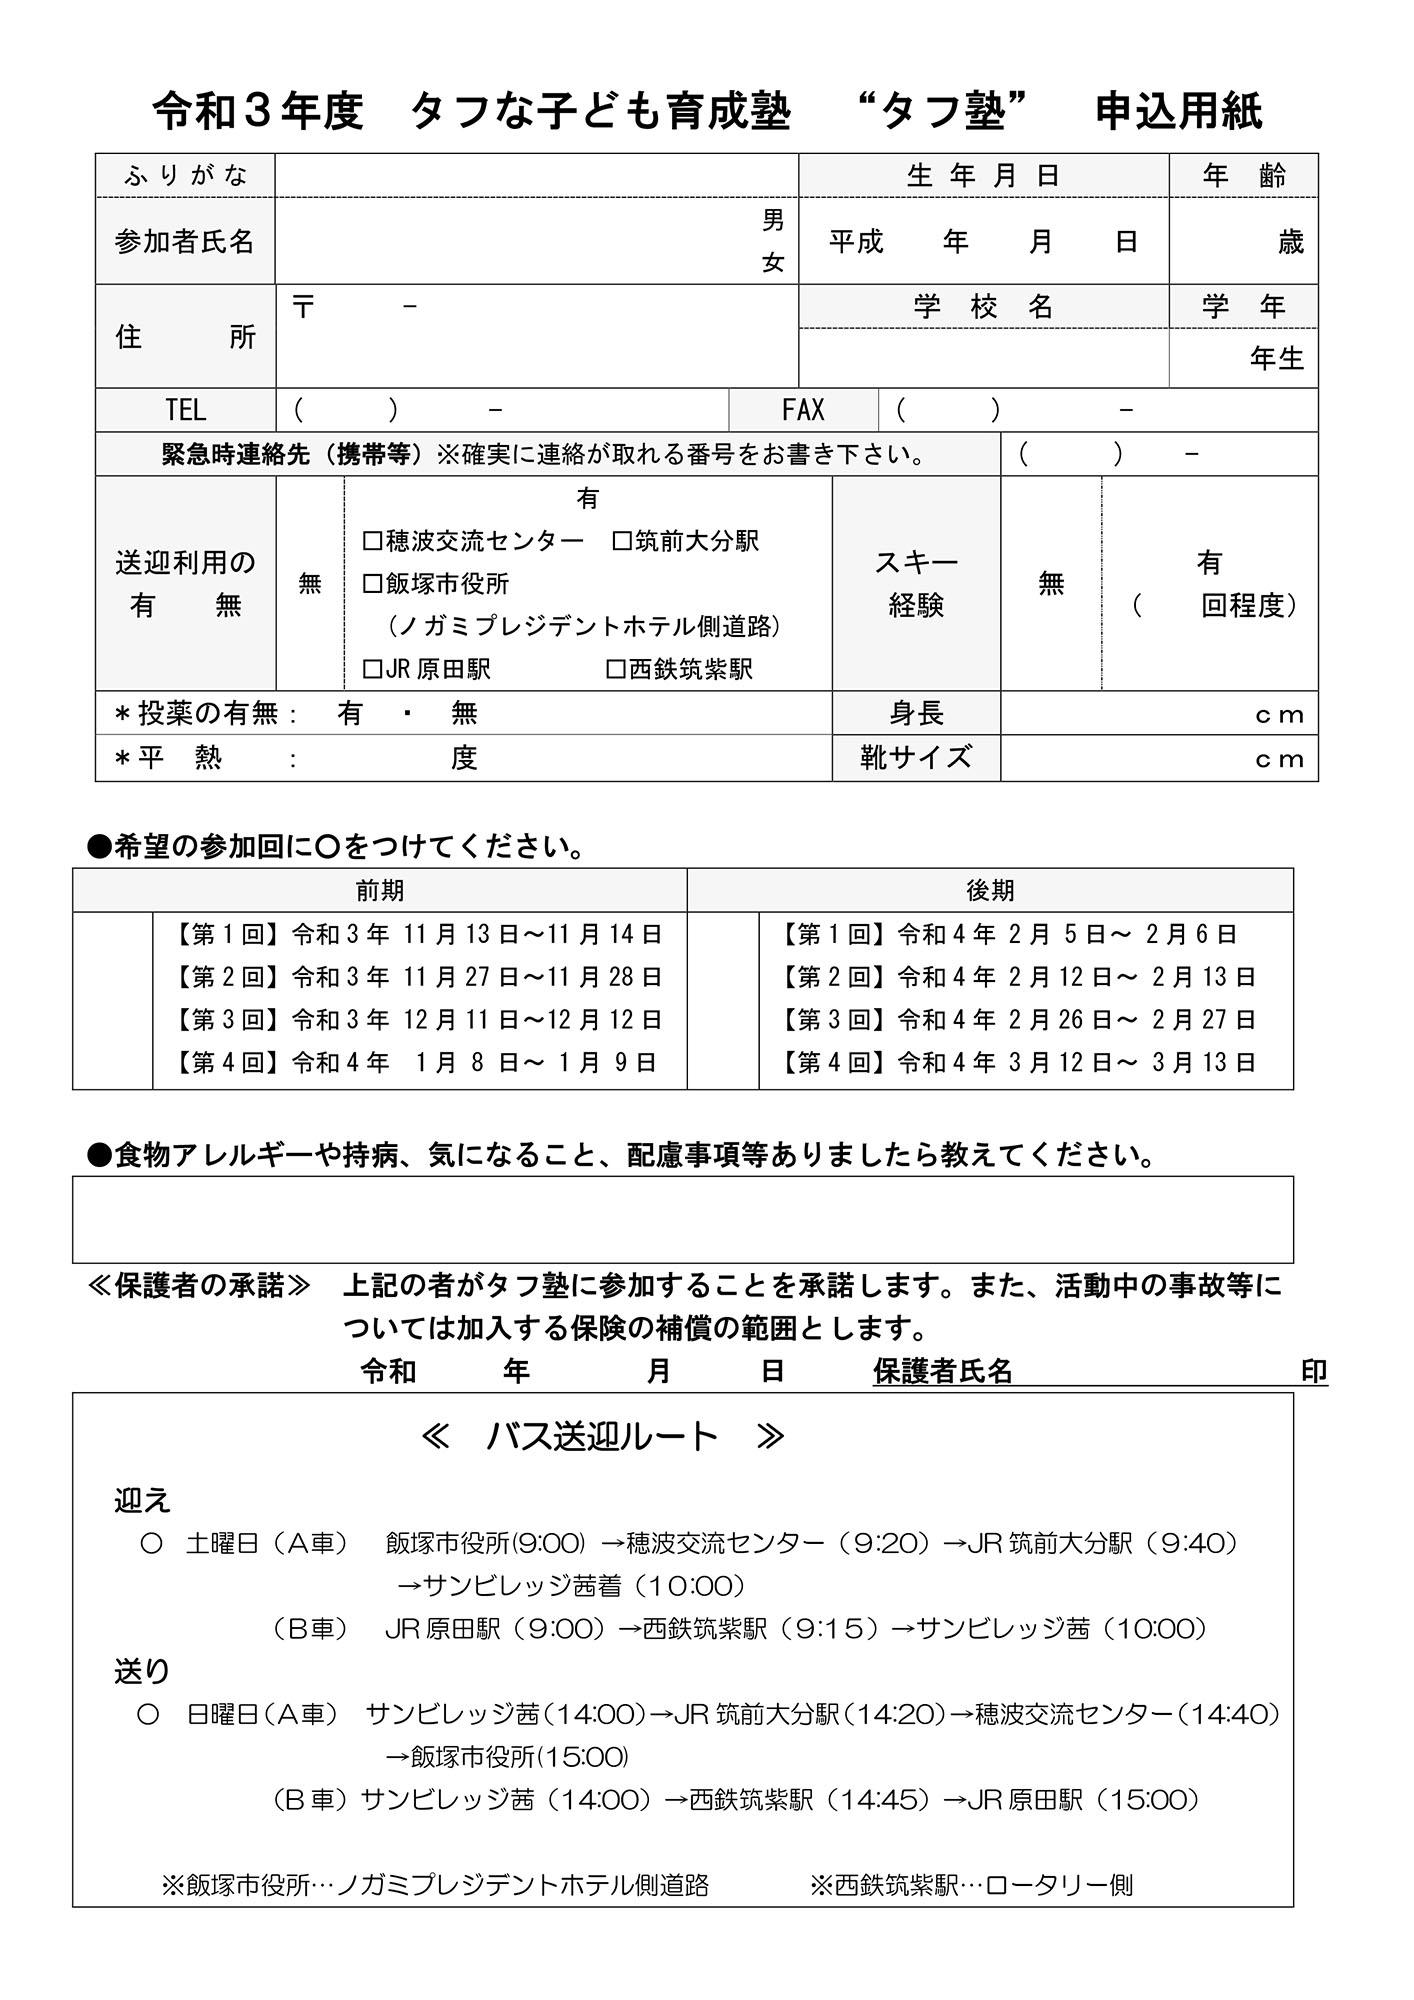 サンビレッジ茜 タフ塾 2021